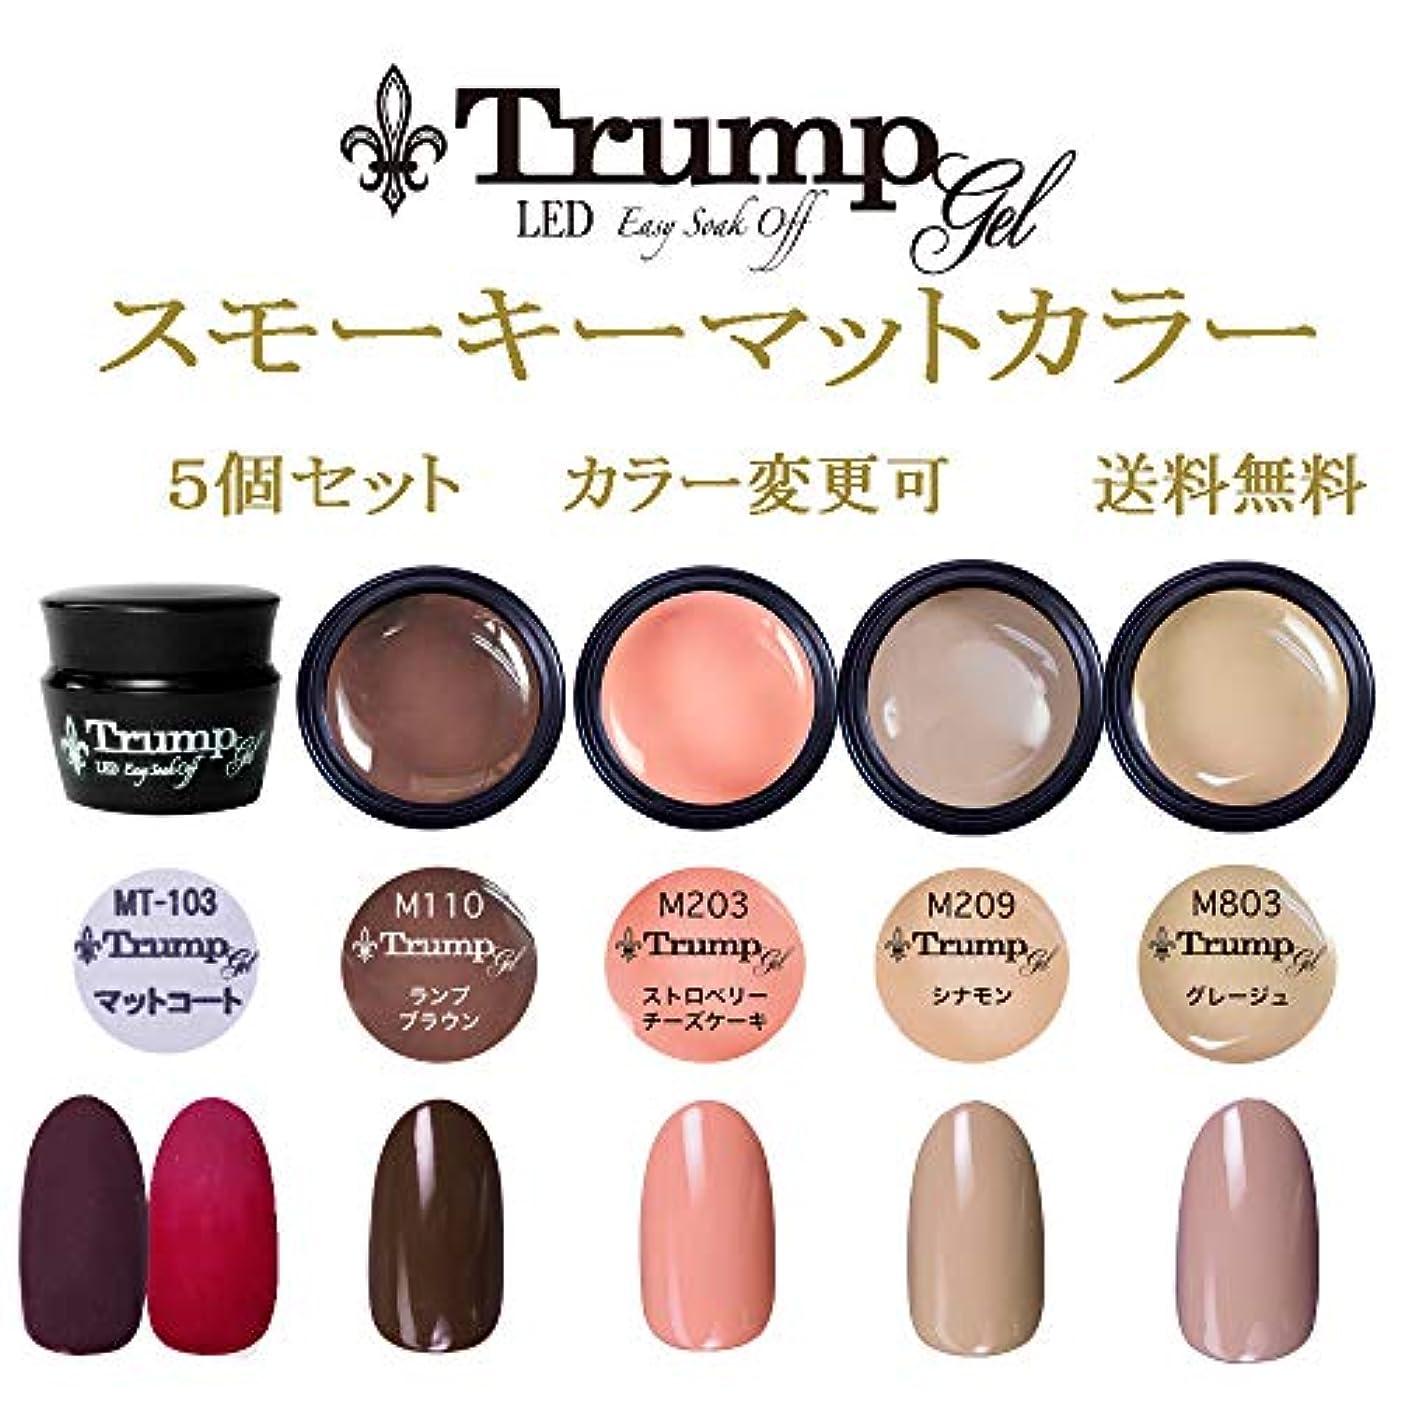 勝利バレーボール等【送料無料】日本製 Trump gel トランプジェル スモーキーマット カラージェル 5個セット 魅惑のフロストマットトップとマットに合う人気カラーをチョイス